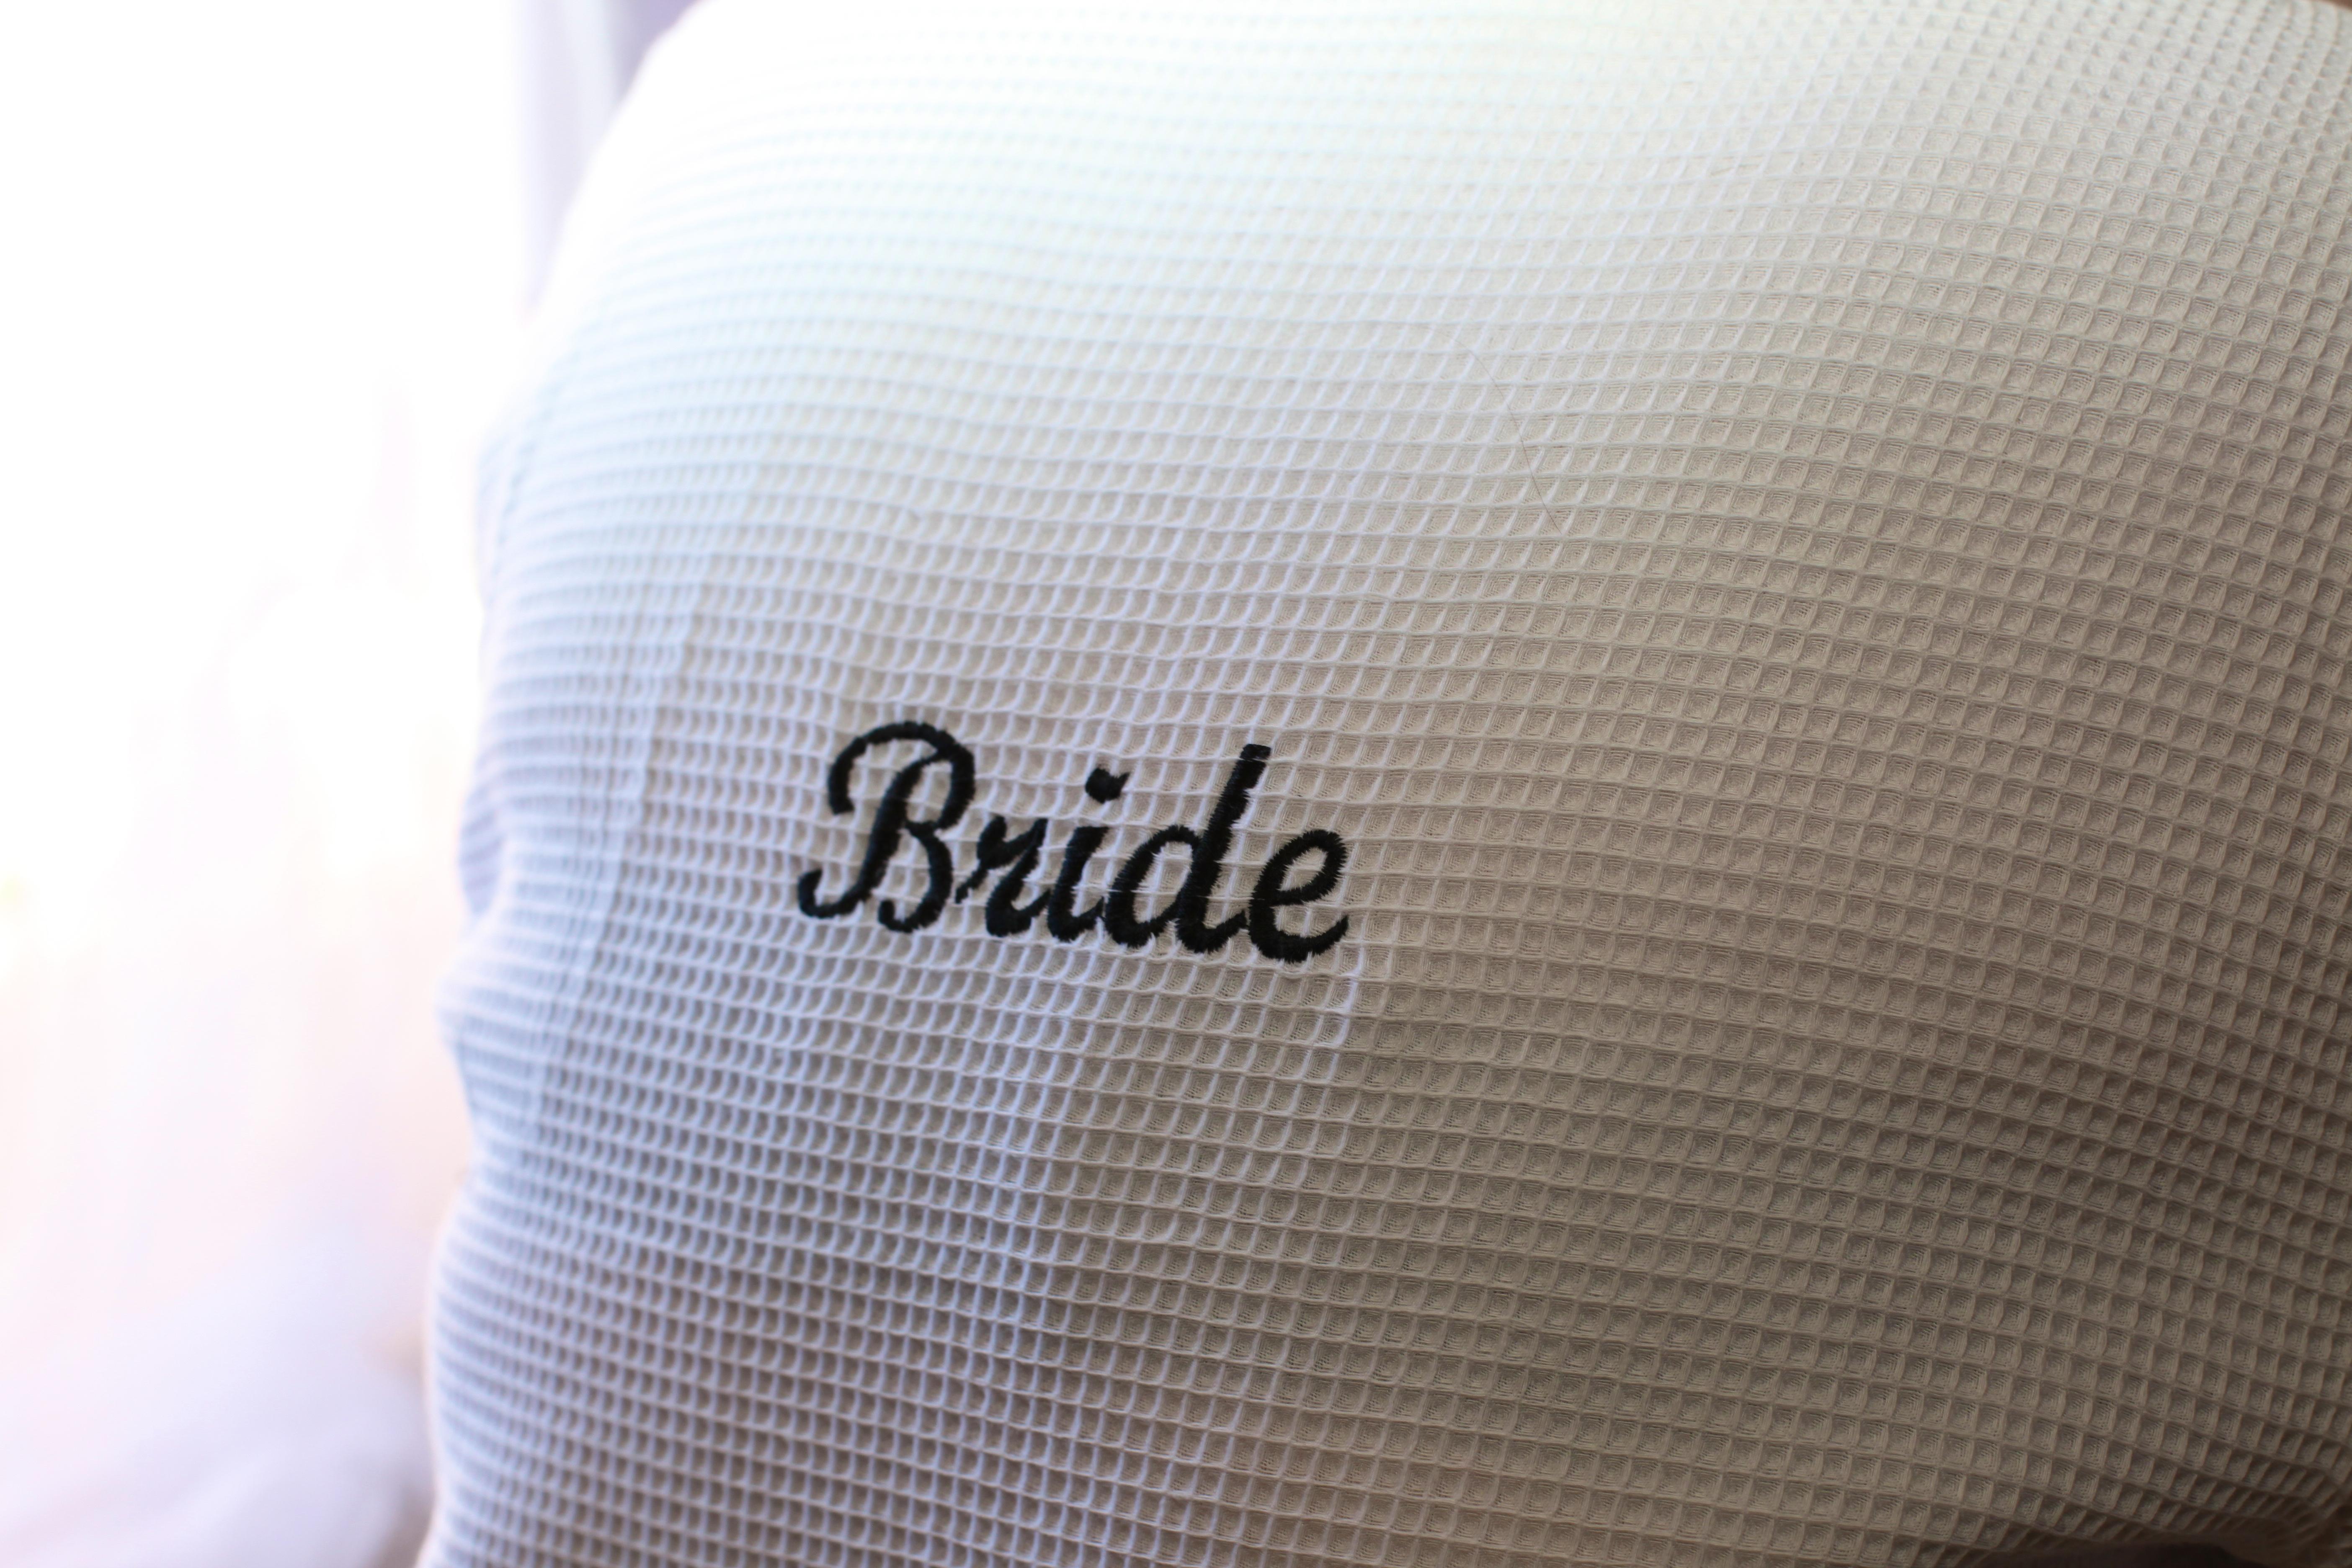 Alohaislandweddings.com- Pre wedding In The hotel room -1